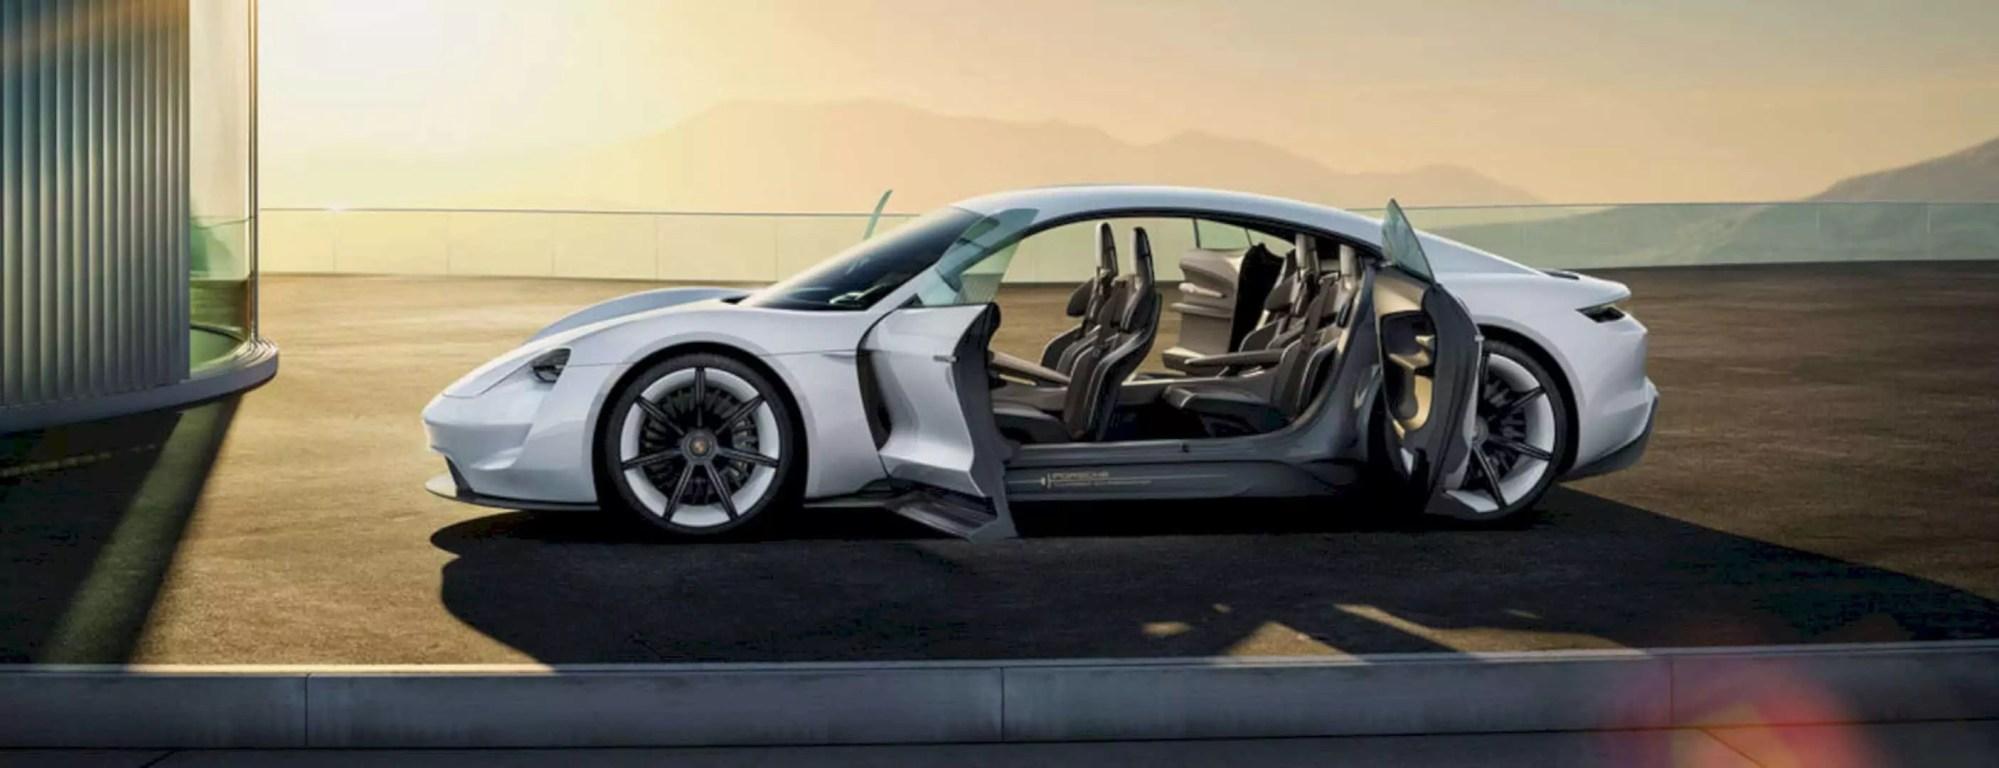 Porsche Mission E: Represent The Future